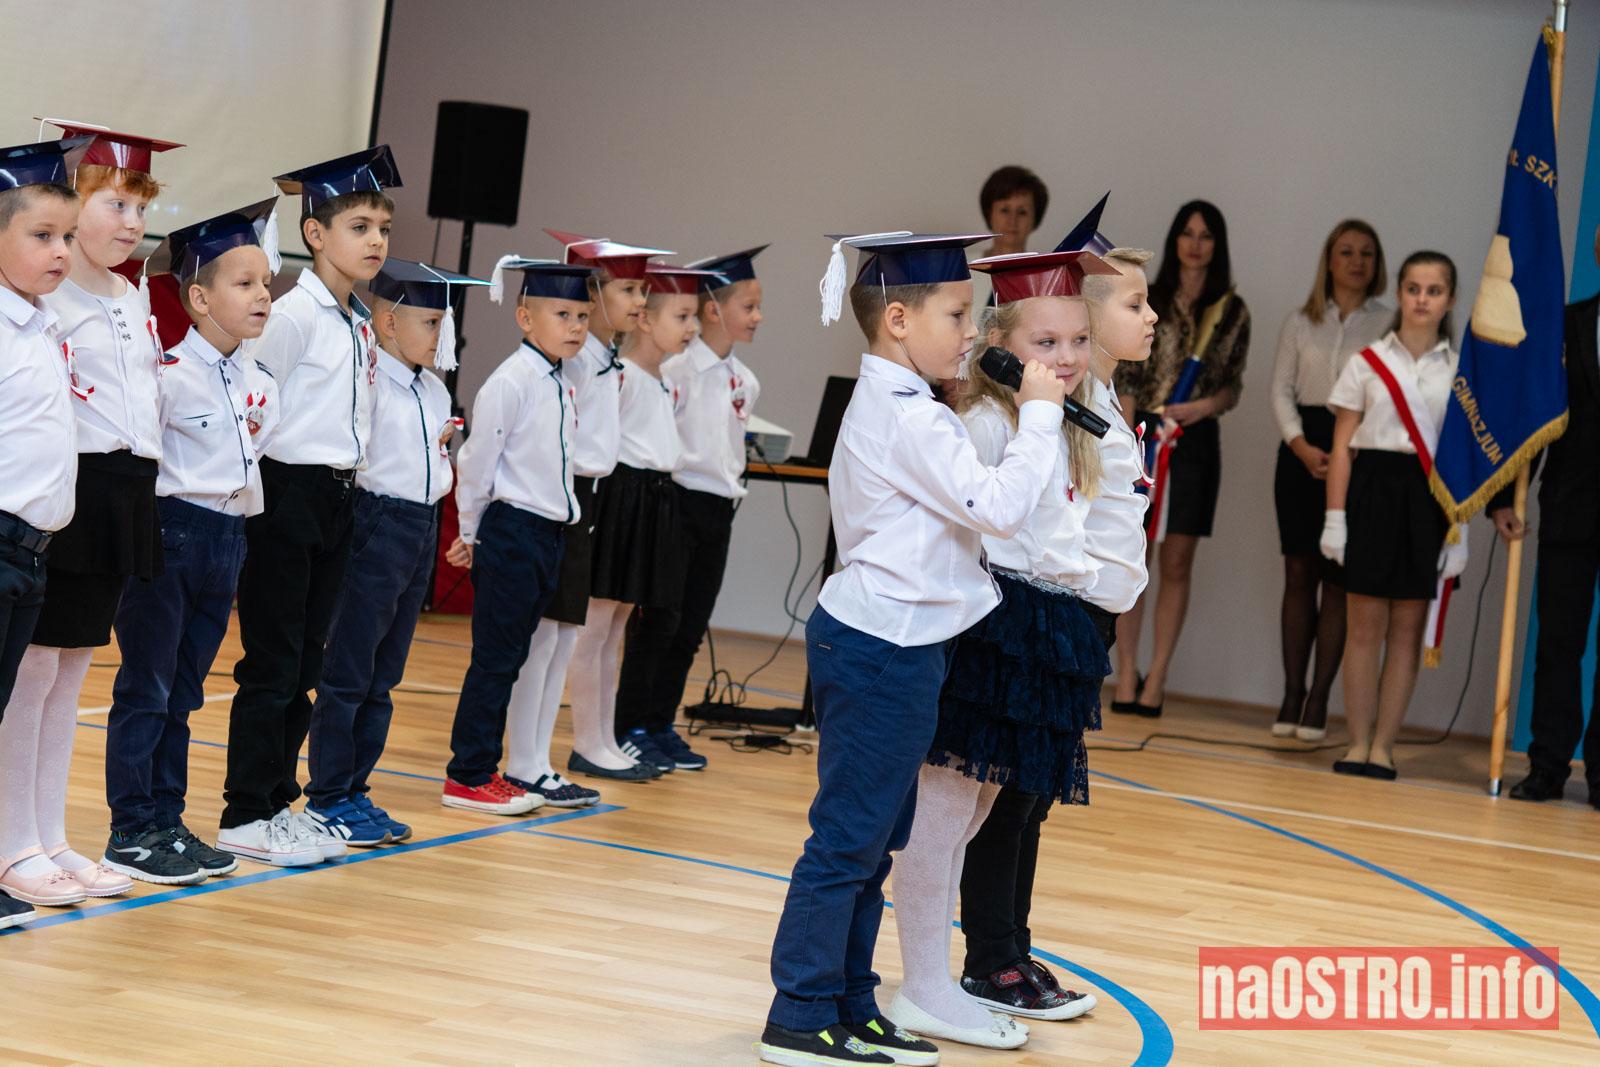 NaOSTRO Otwarcie Szkoły w Bałtowie-141